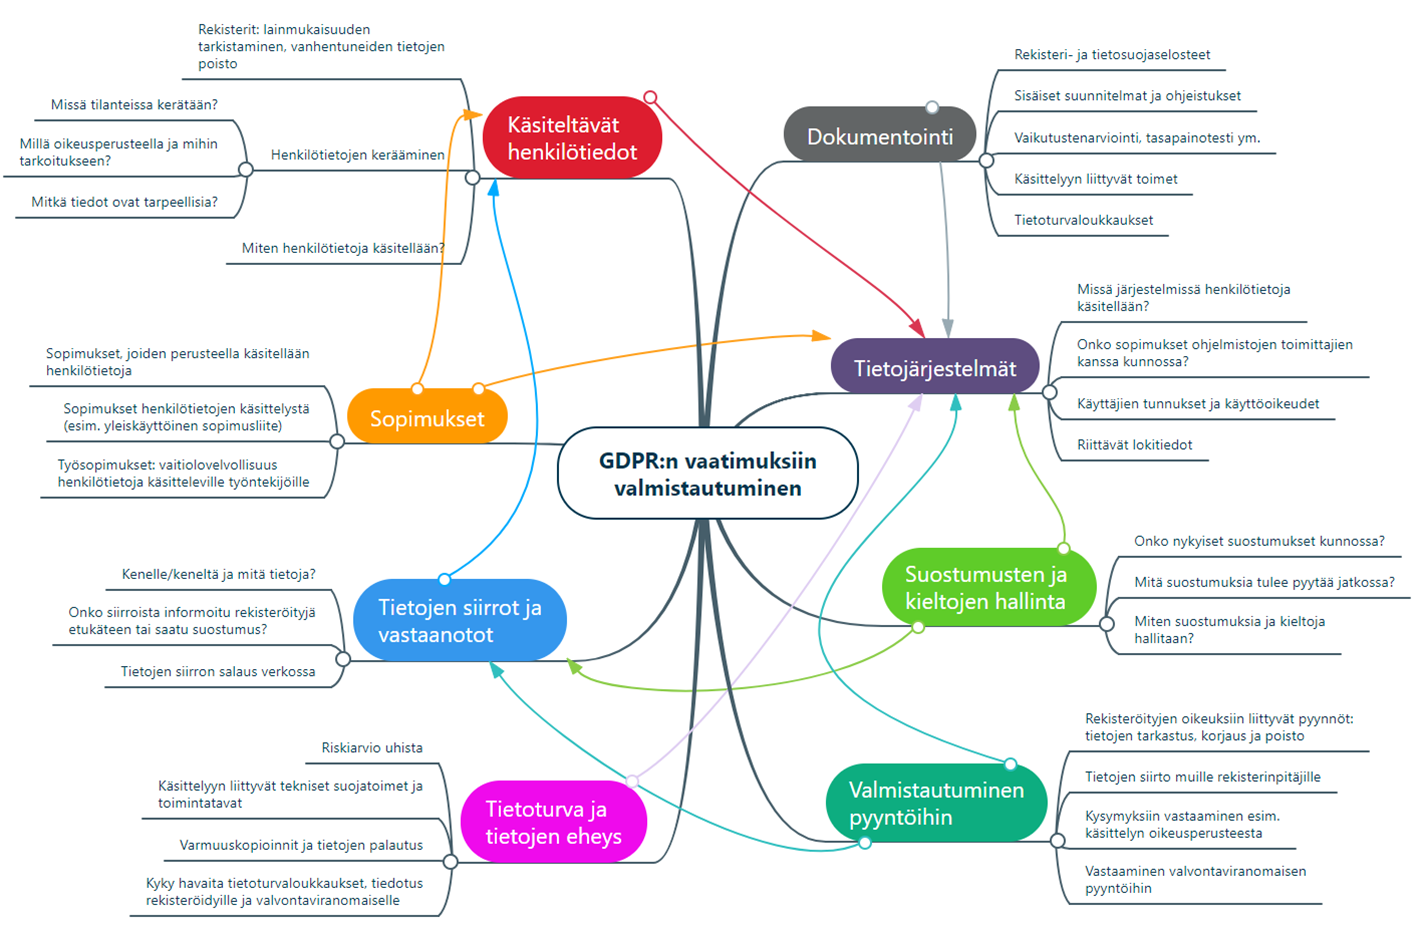 EU:n yleisen tietosuoja-asetuksen vaatimukset henkilötietojen käsittelylle, GDPR:n vaatimuksiin valmistautuminen